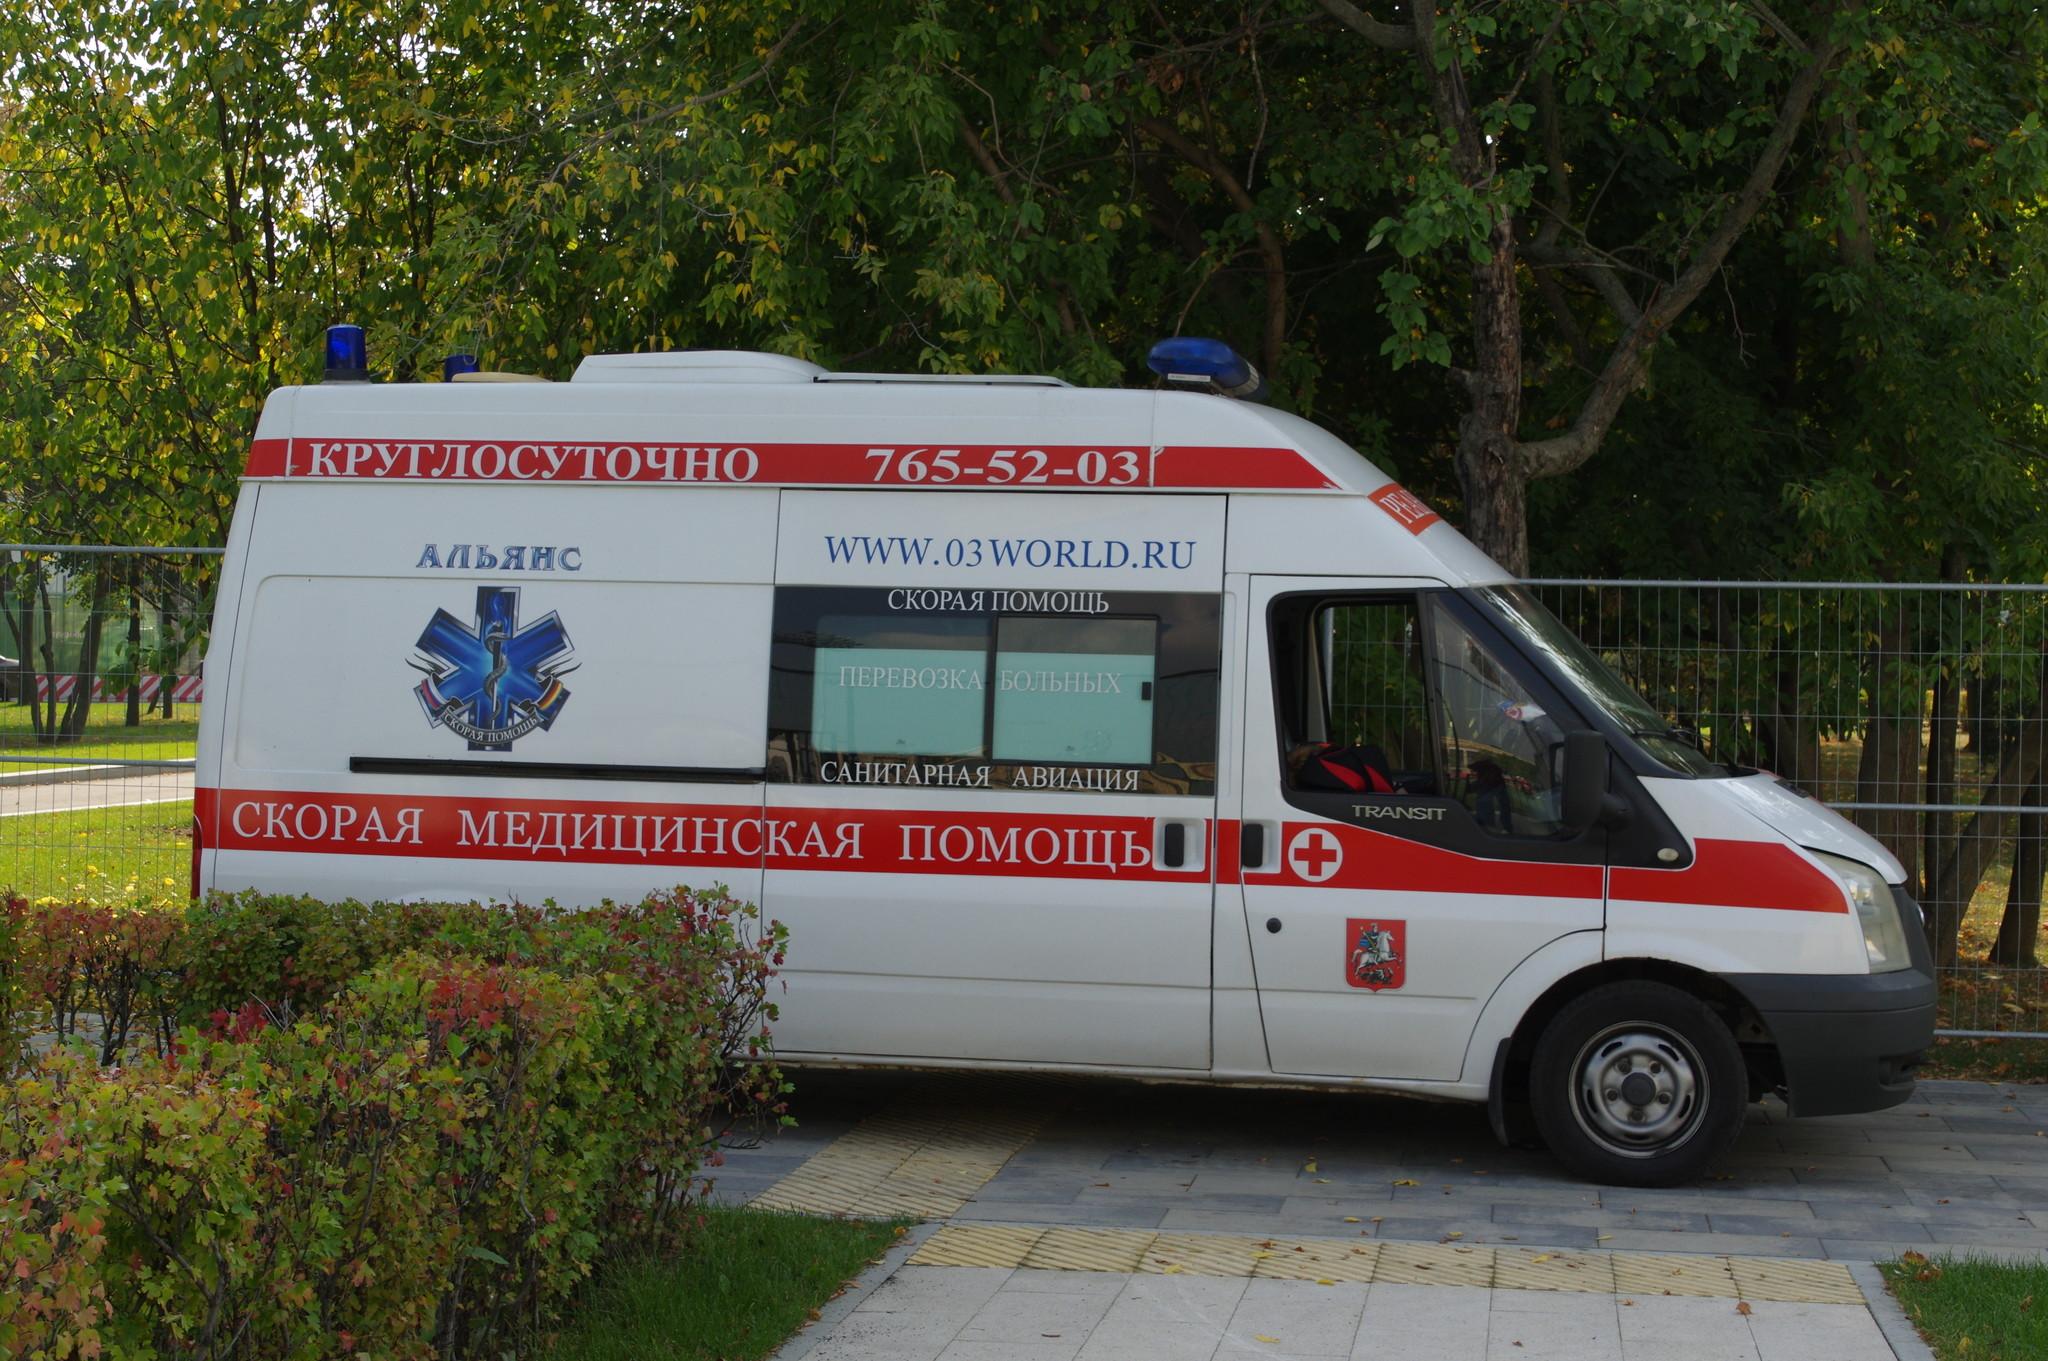 Автомобиль скорой медицинской помощи в Лужниках